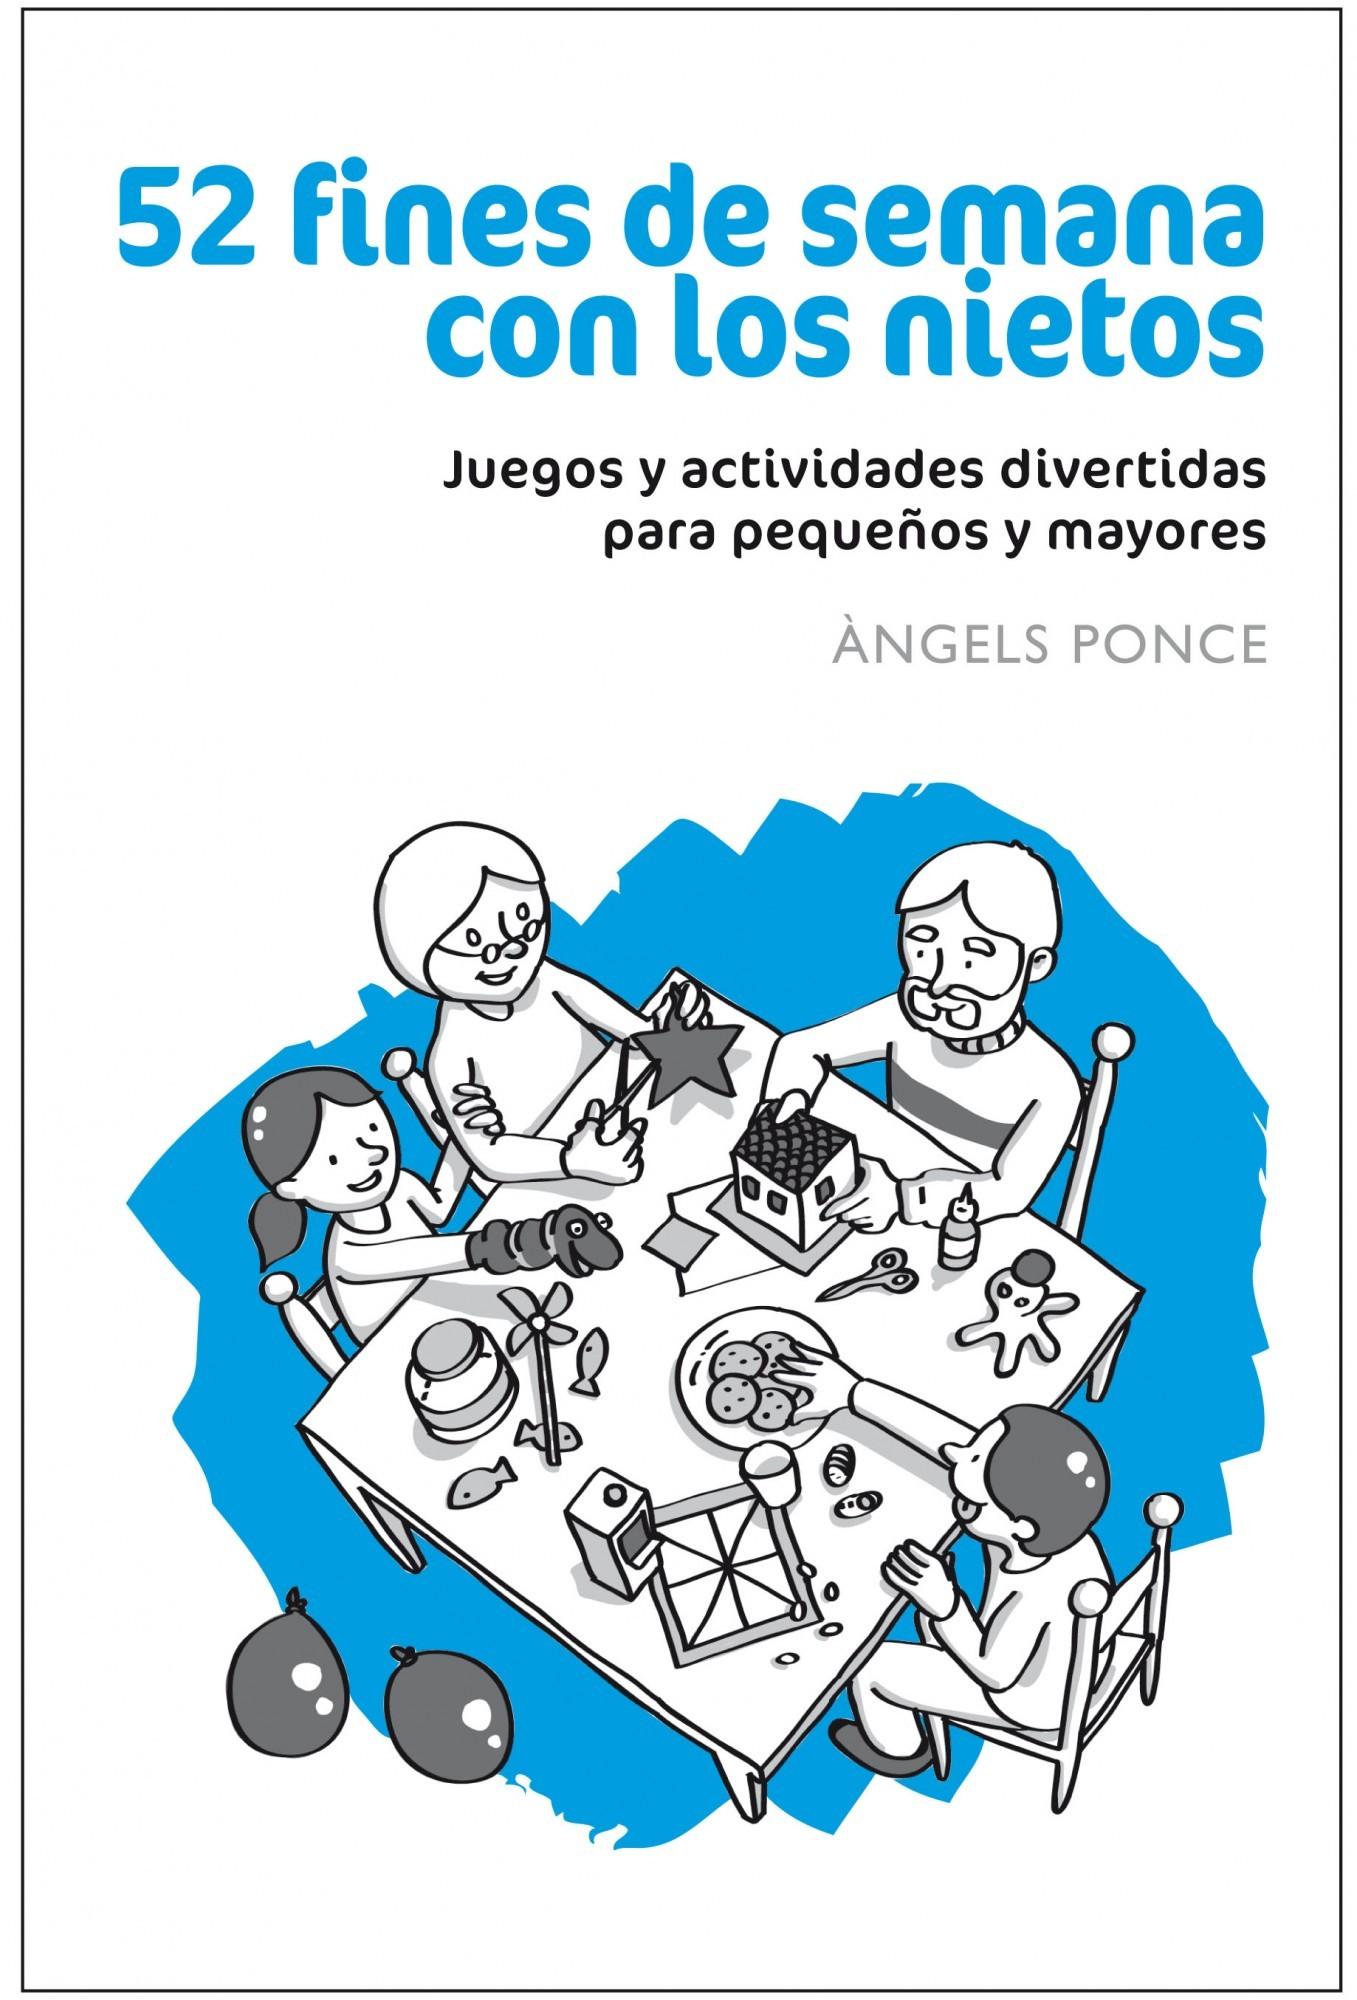 52 FINES DE SEMANA CON LOS NIETOS: JUEGOS Y ACTIVIDADES DEPORTIVAS PARA PEQUEÑOS Y MAYORES